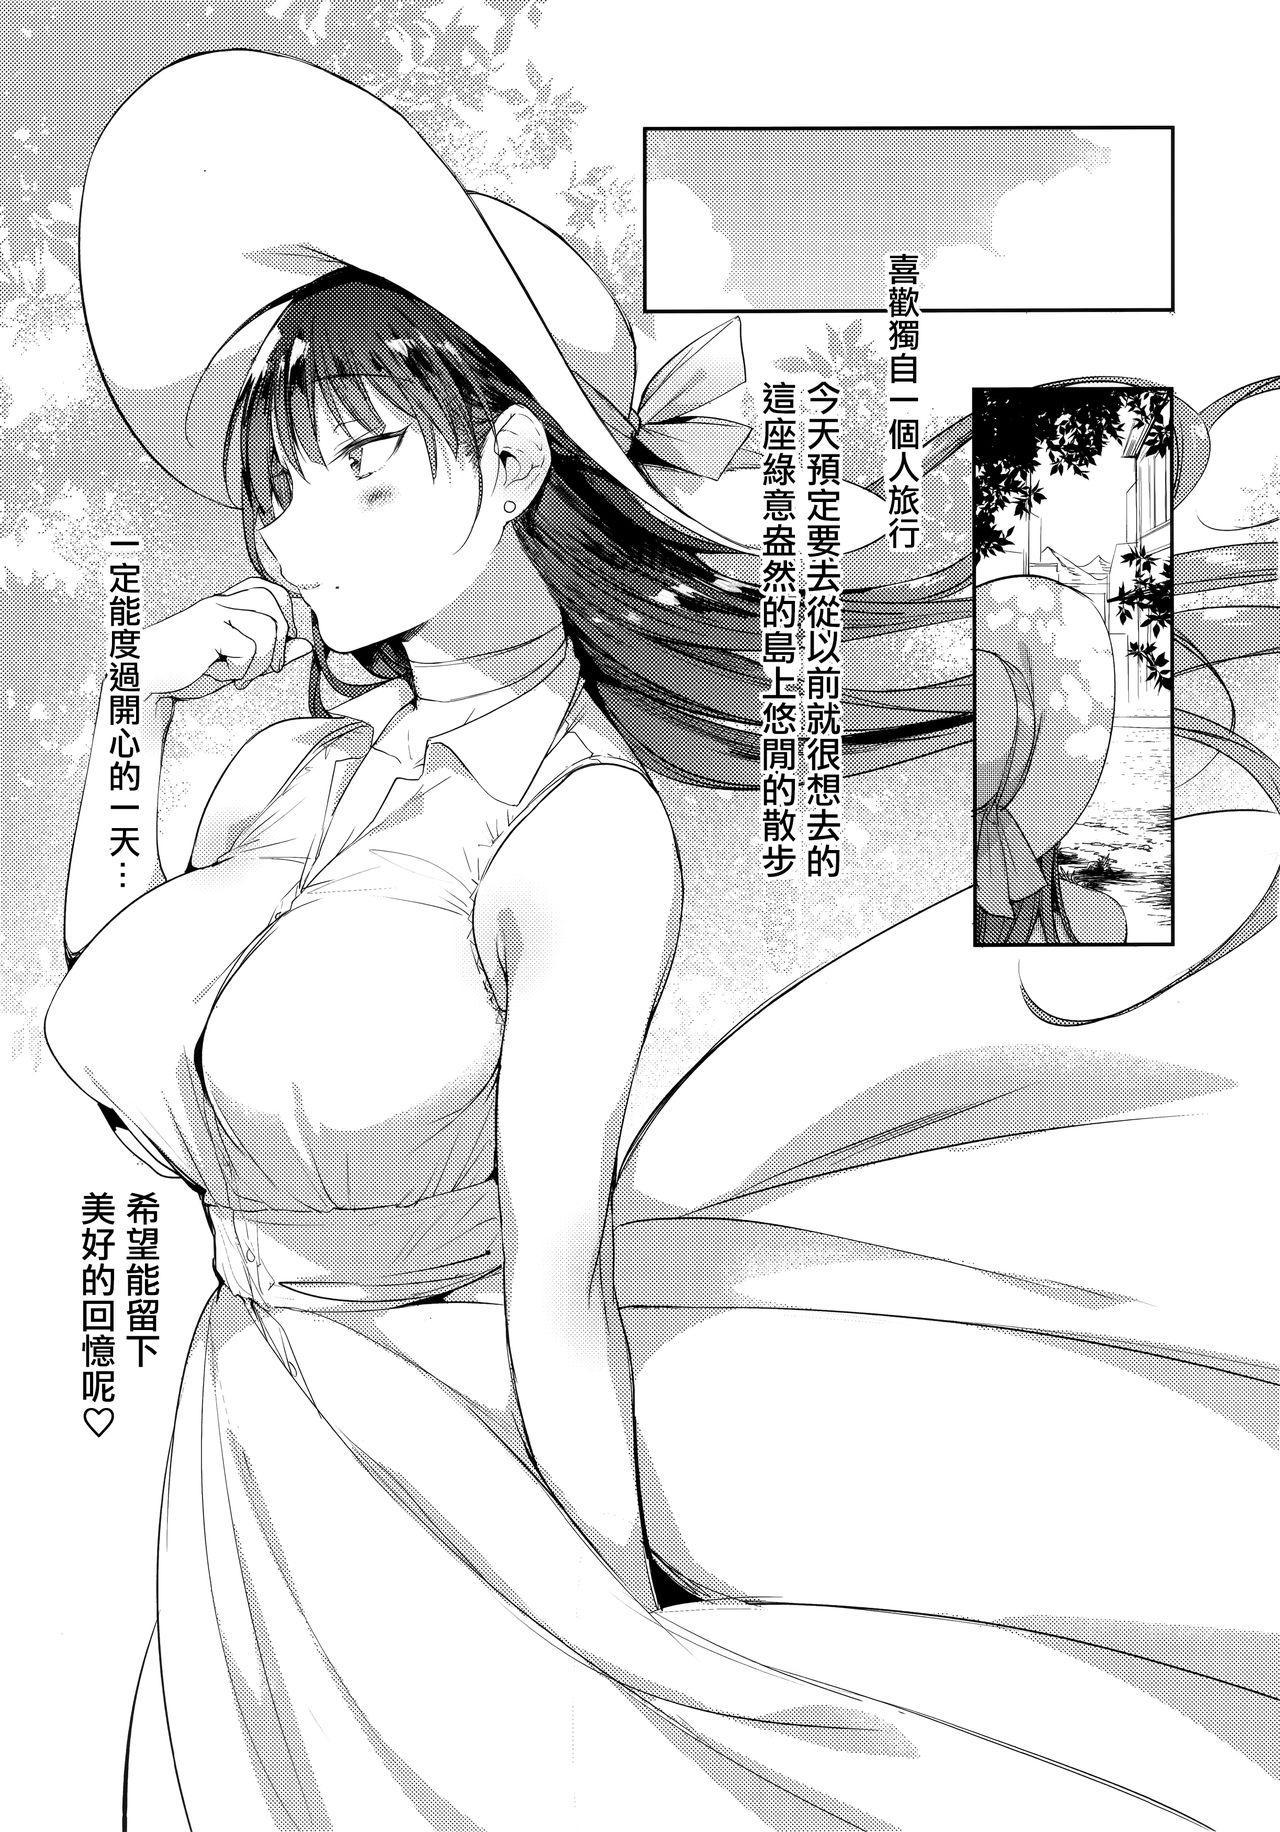 Natsu no Ojousan ga Yukizuri Omanko shitekureru 3